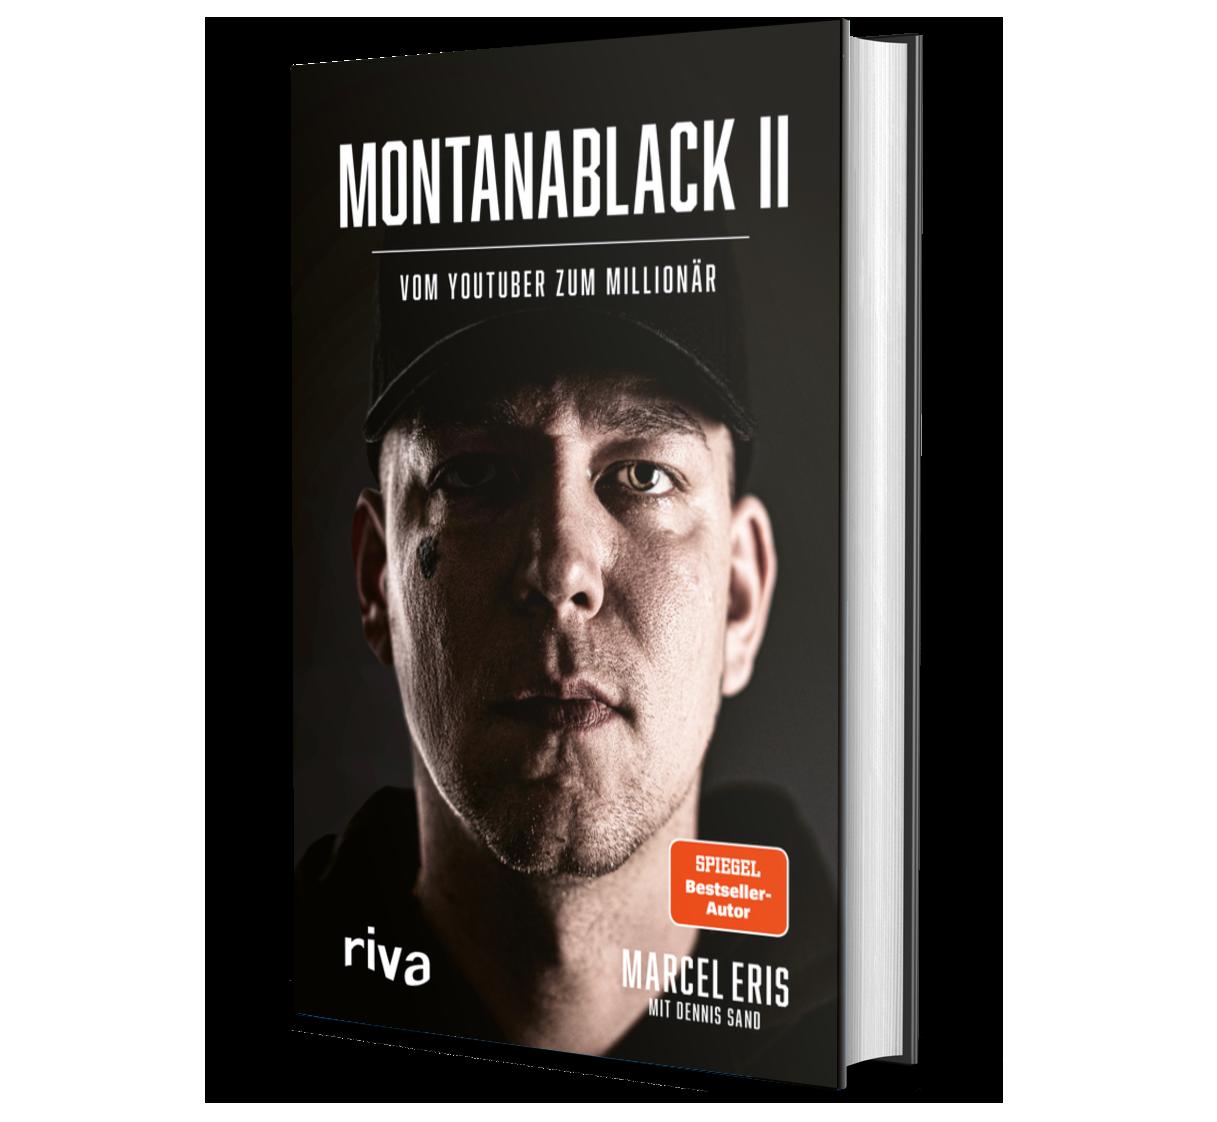 Montanablack II - Vom YouTube zum Millionär